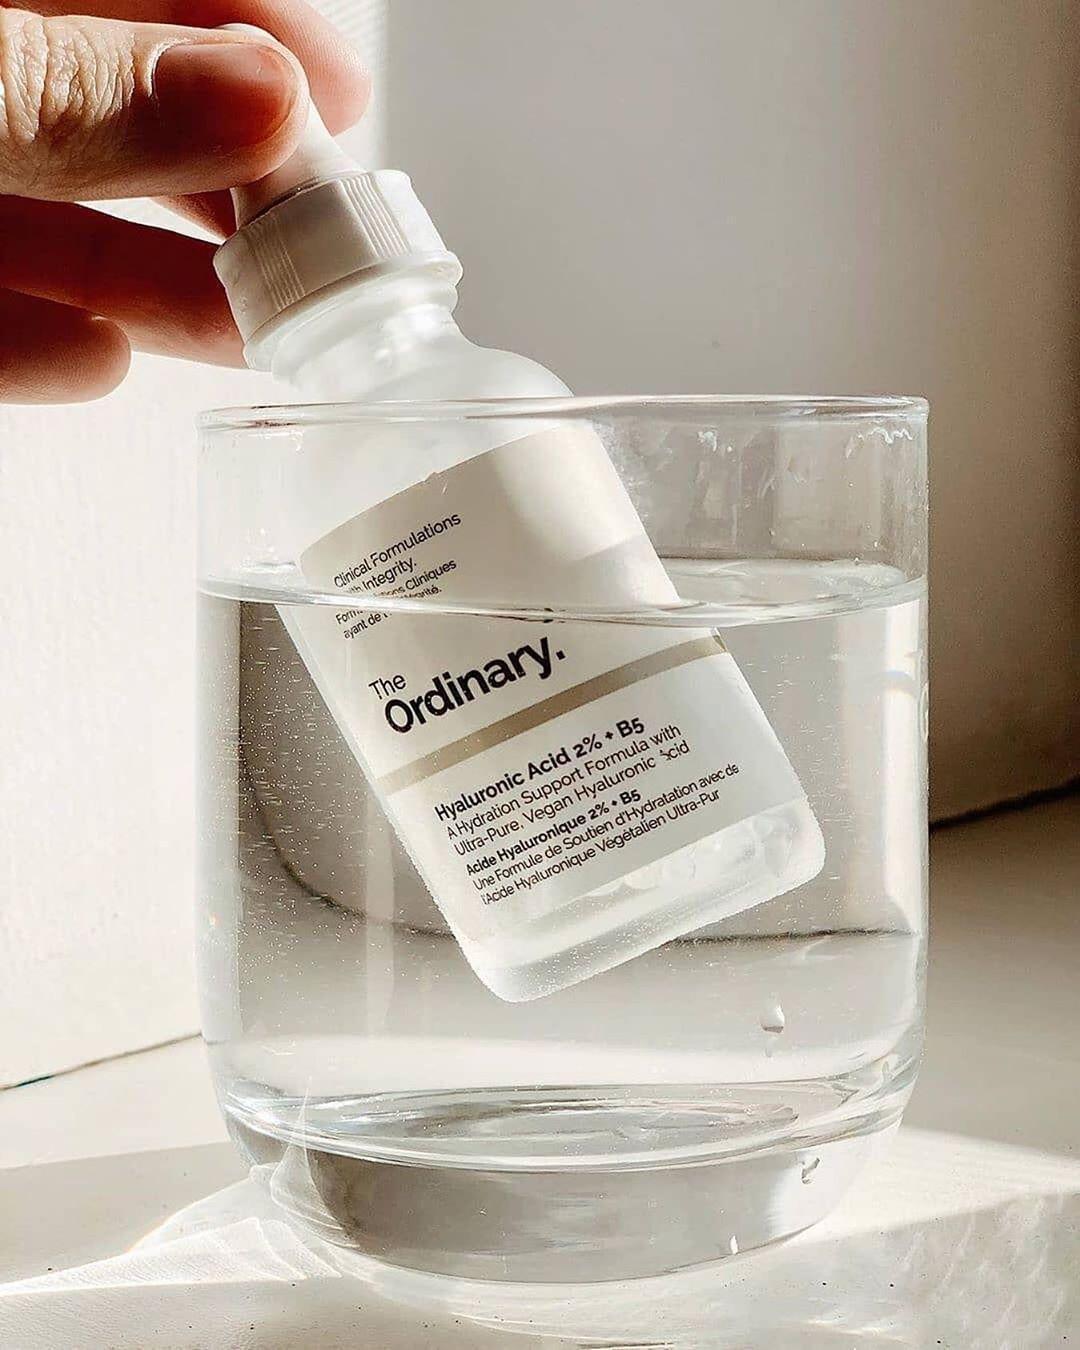 The Ordinary Hyaluronic Acid 2% + B5 Serum hiện đang là sản phẩm được yêu thích và săn đón nhiều nhất. (Nguồn: Internet)